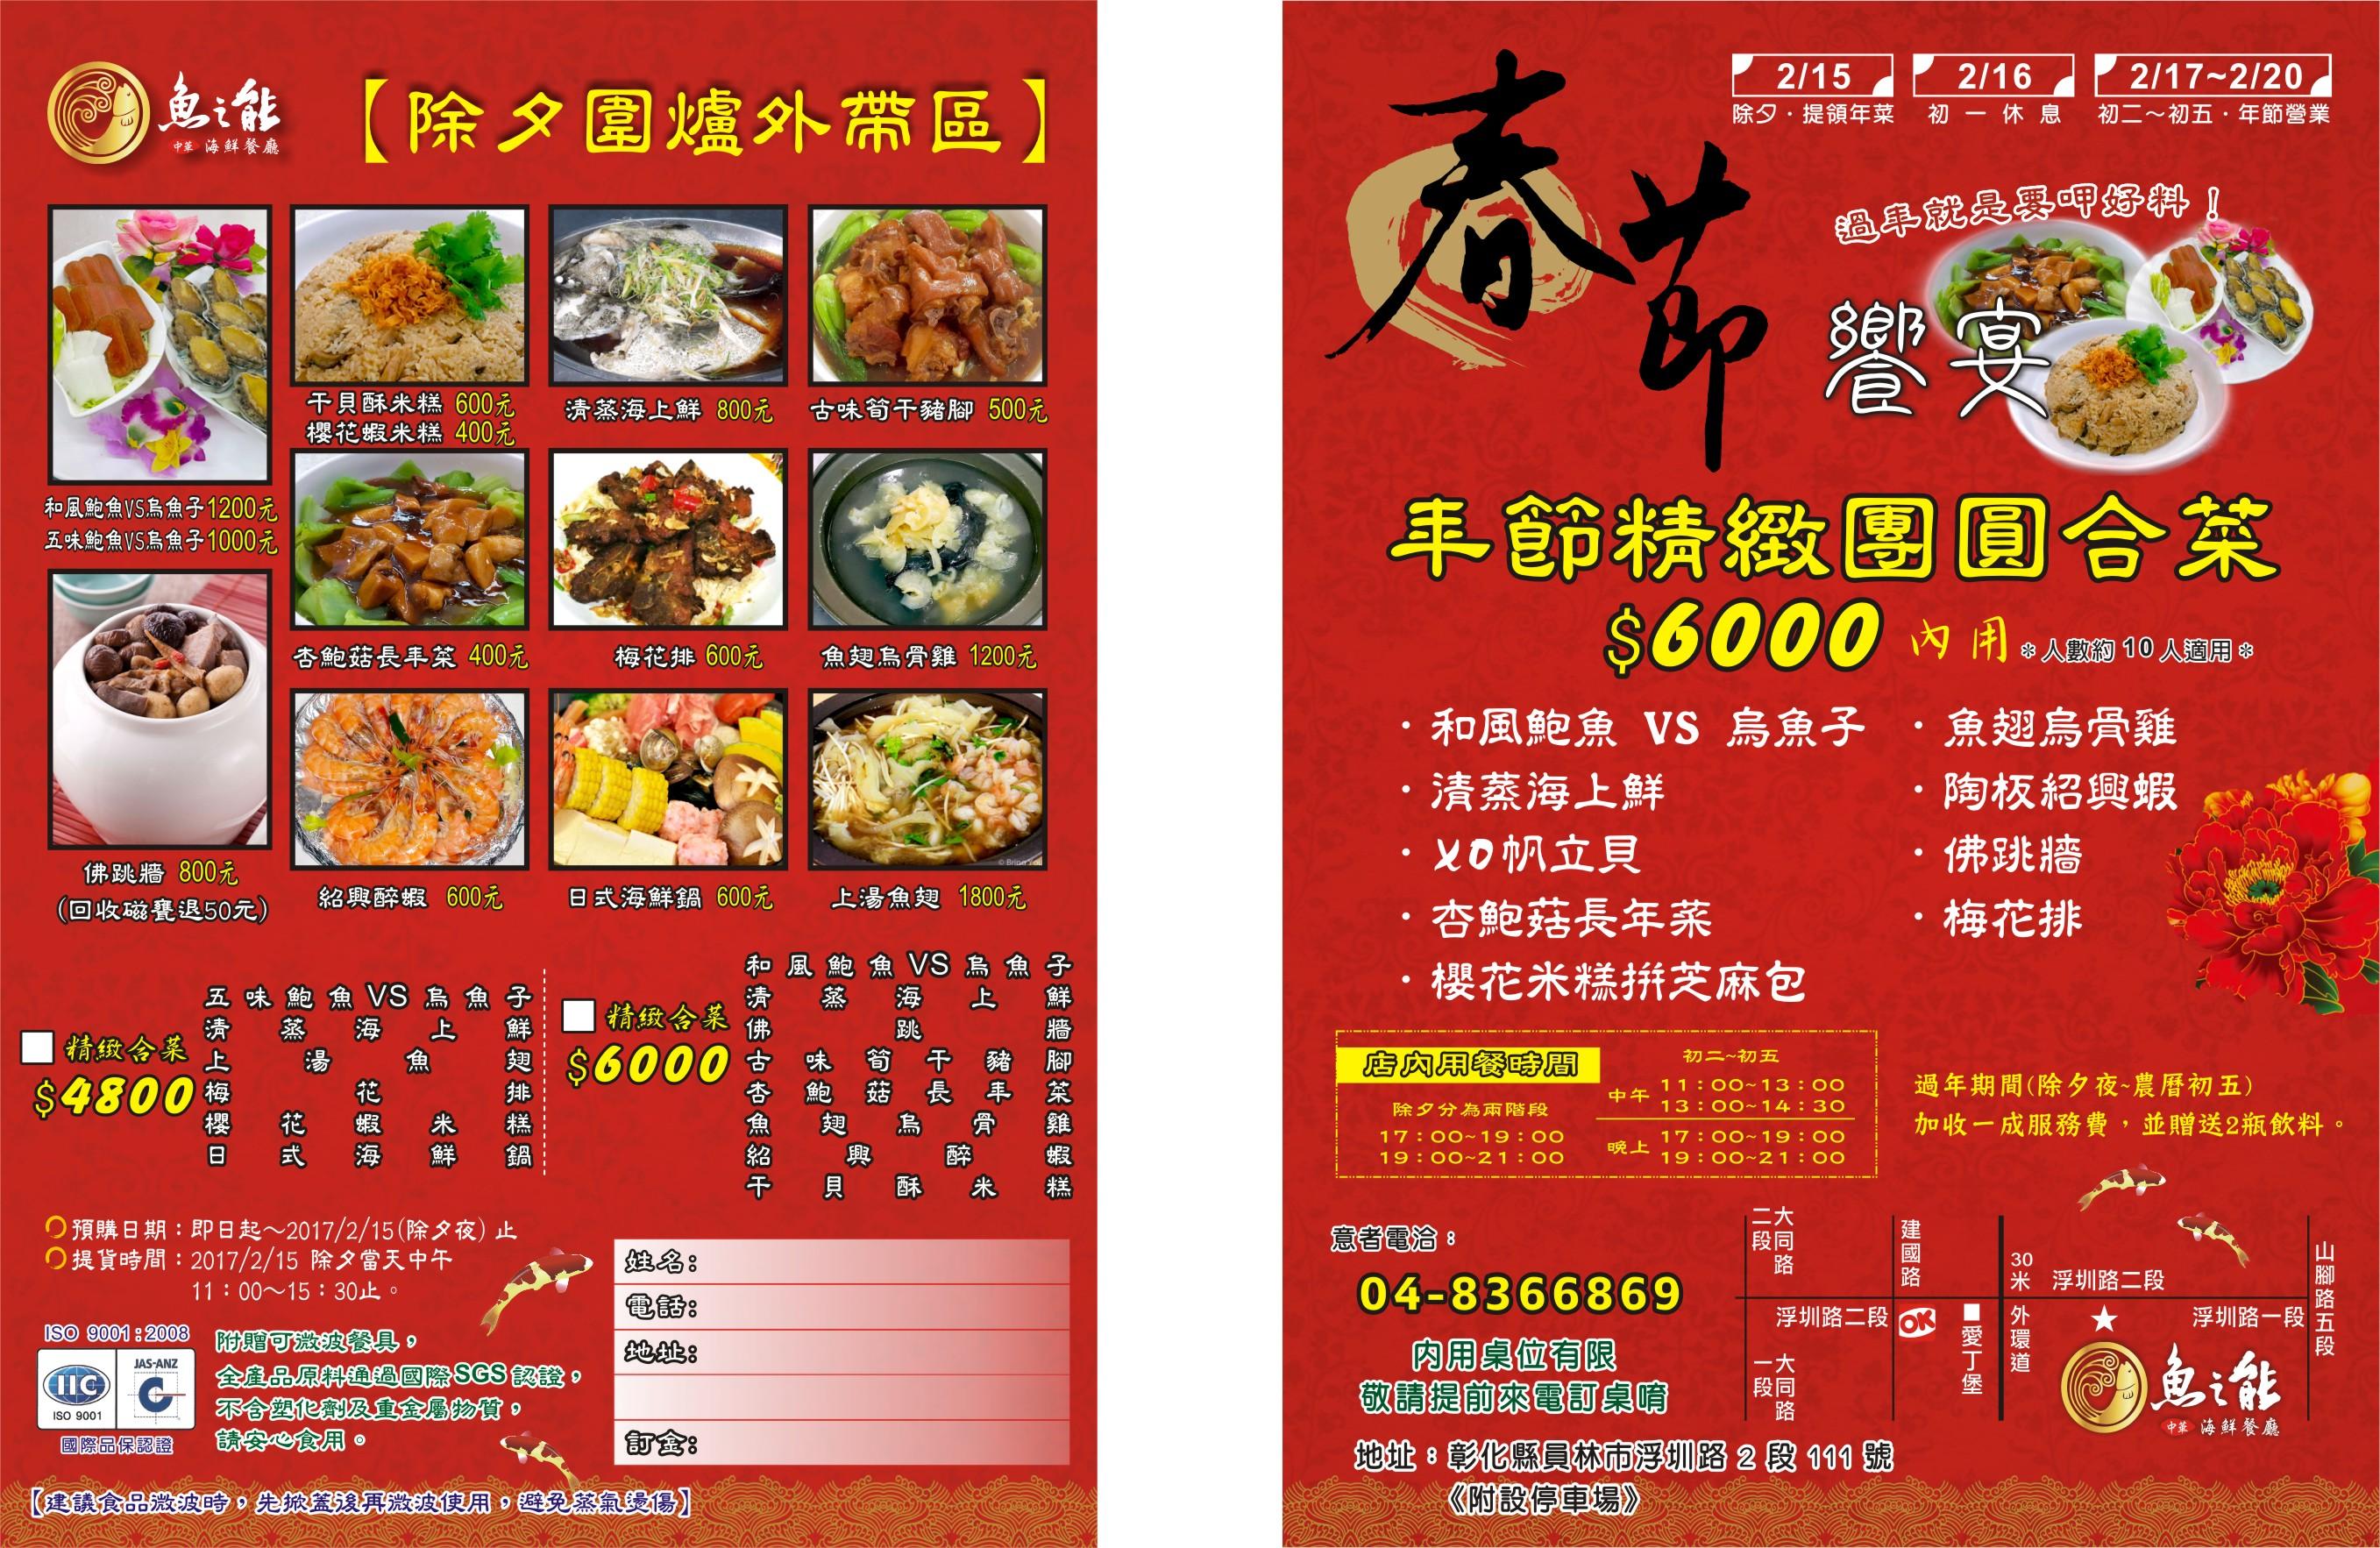 1061225-魚之能海鮮餐廳-2017年年菜DM.JPG